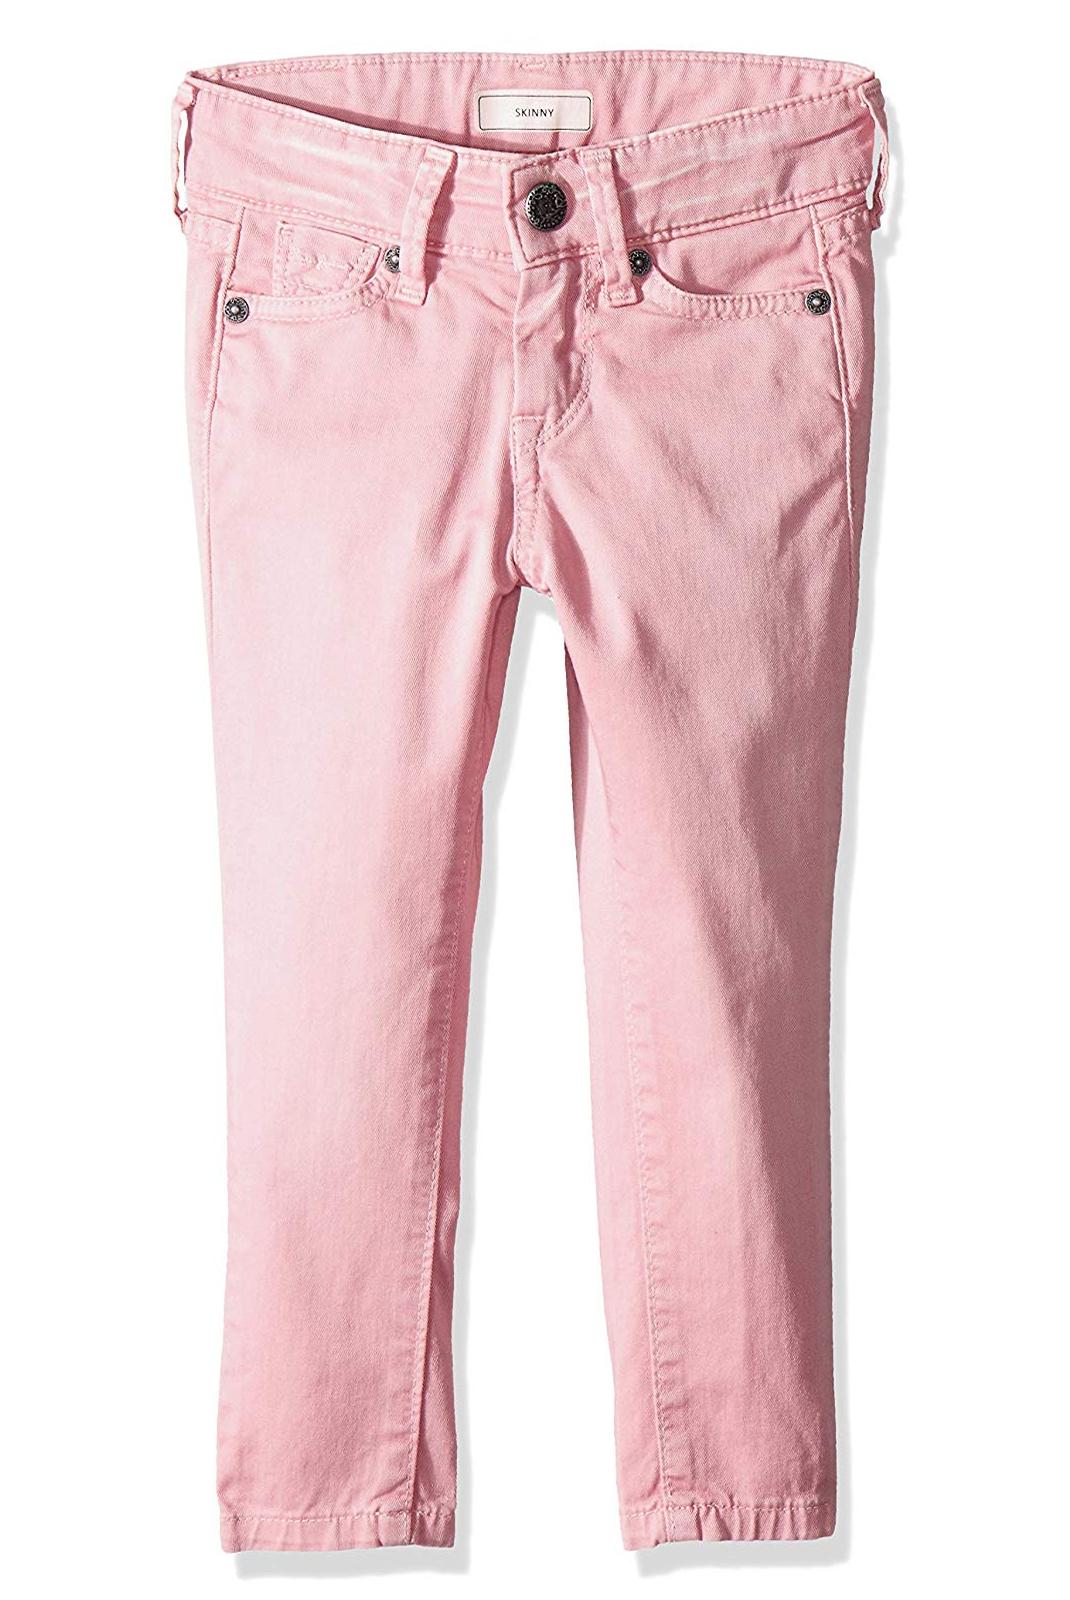 Bas  Pepe jeans PG210177 pixlette 312